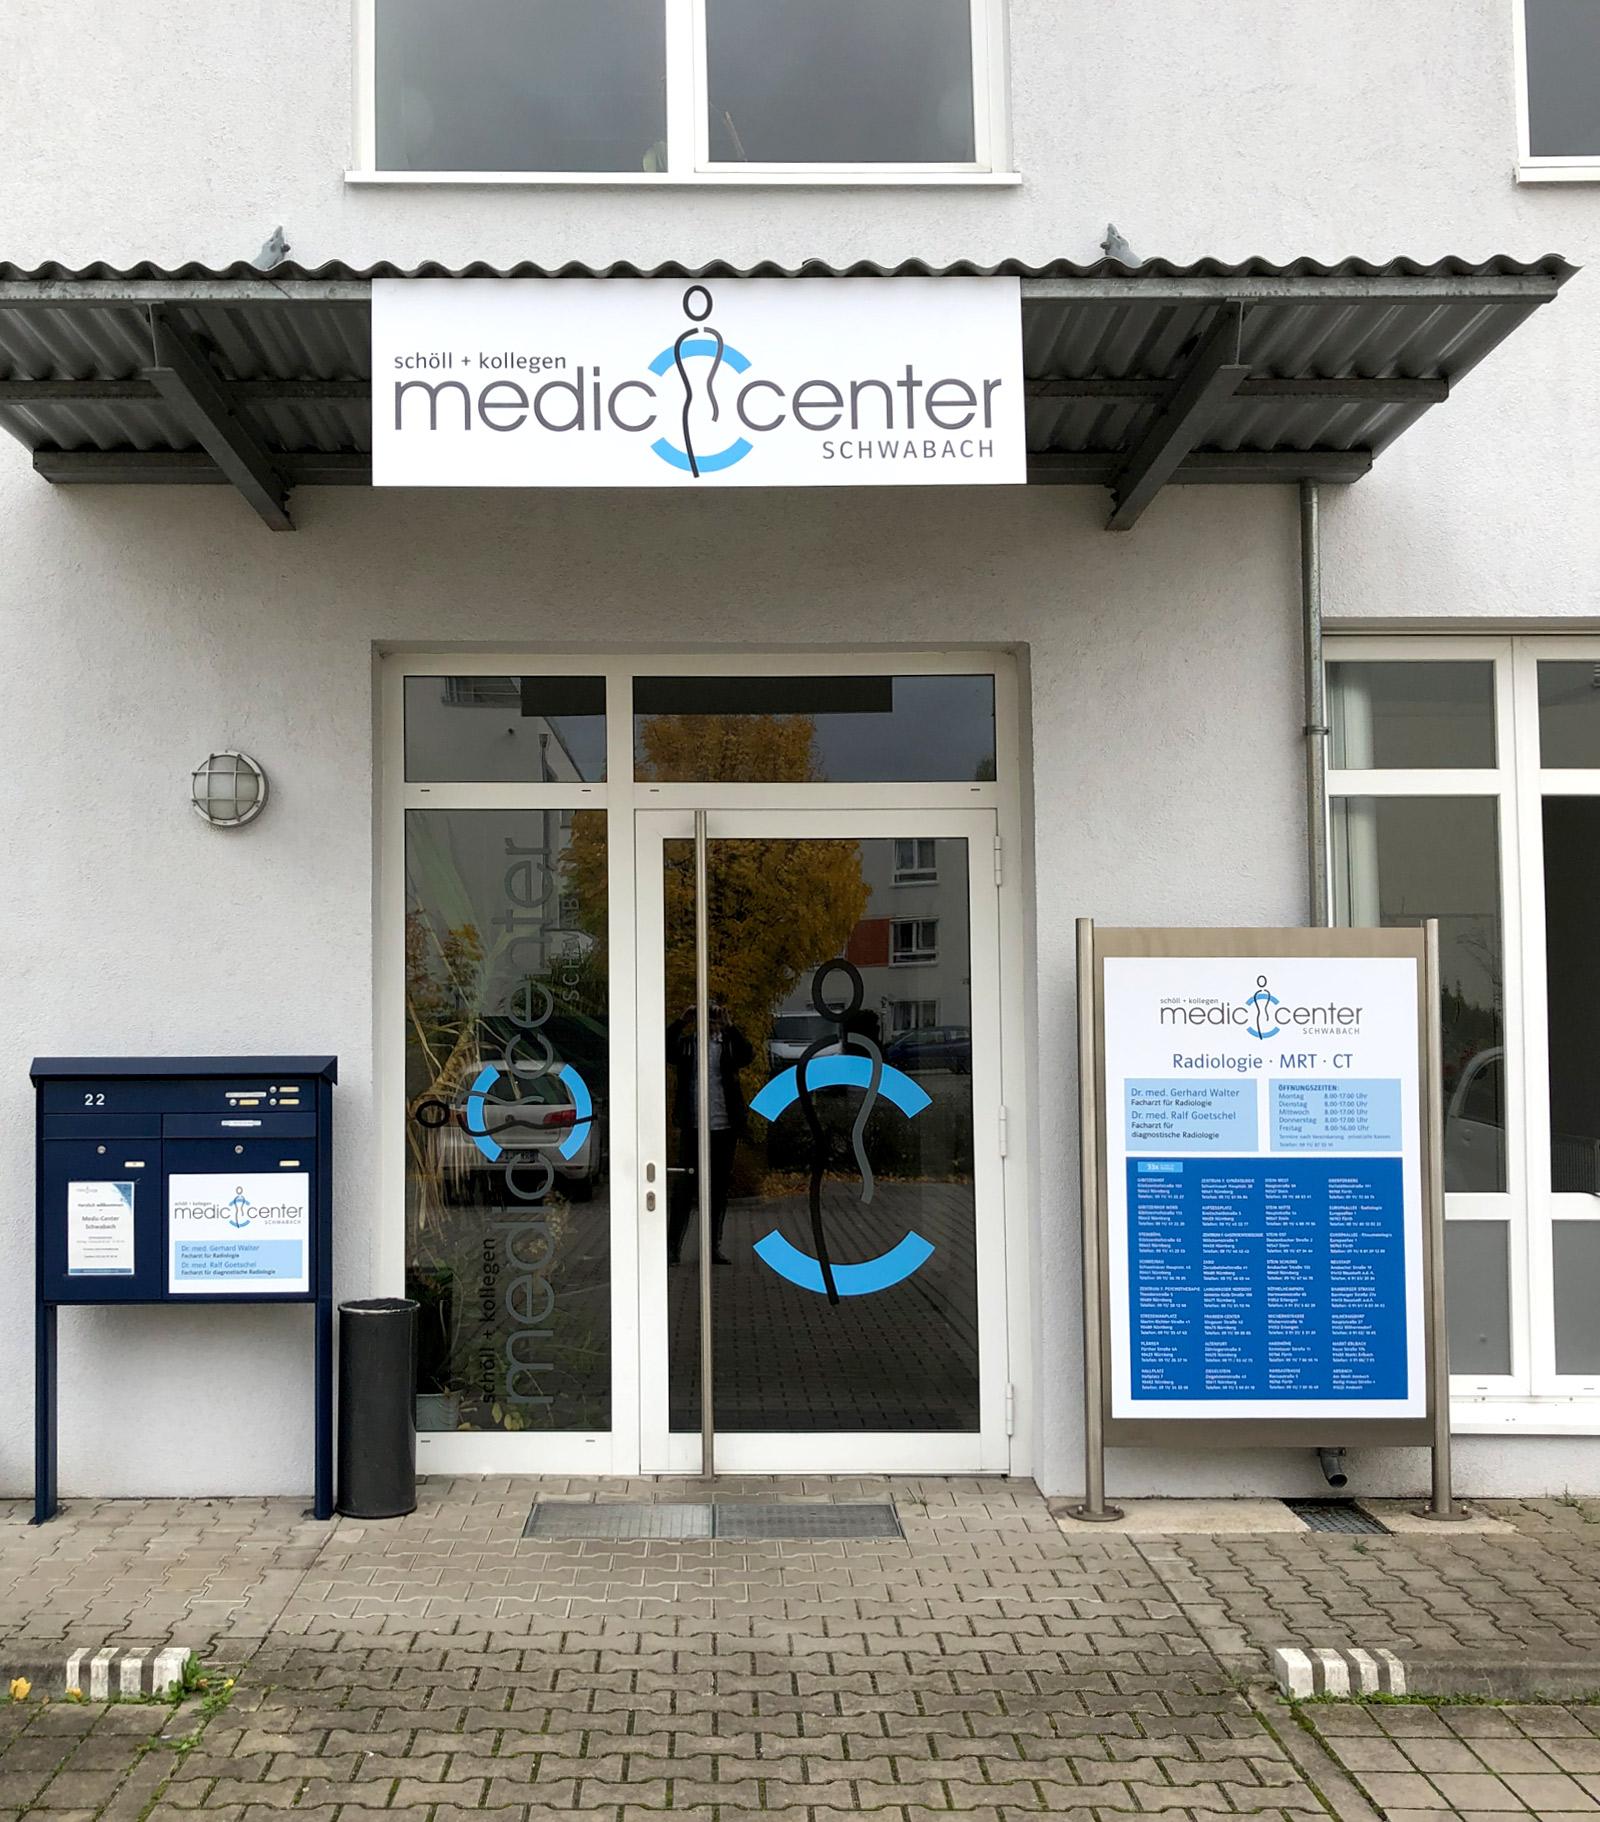 Eingangsbereich eines Medic Centers